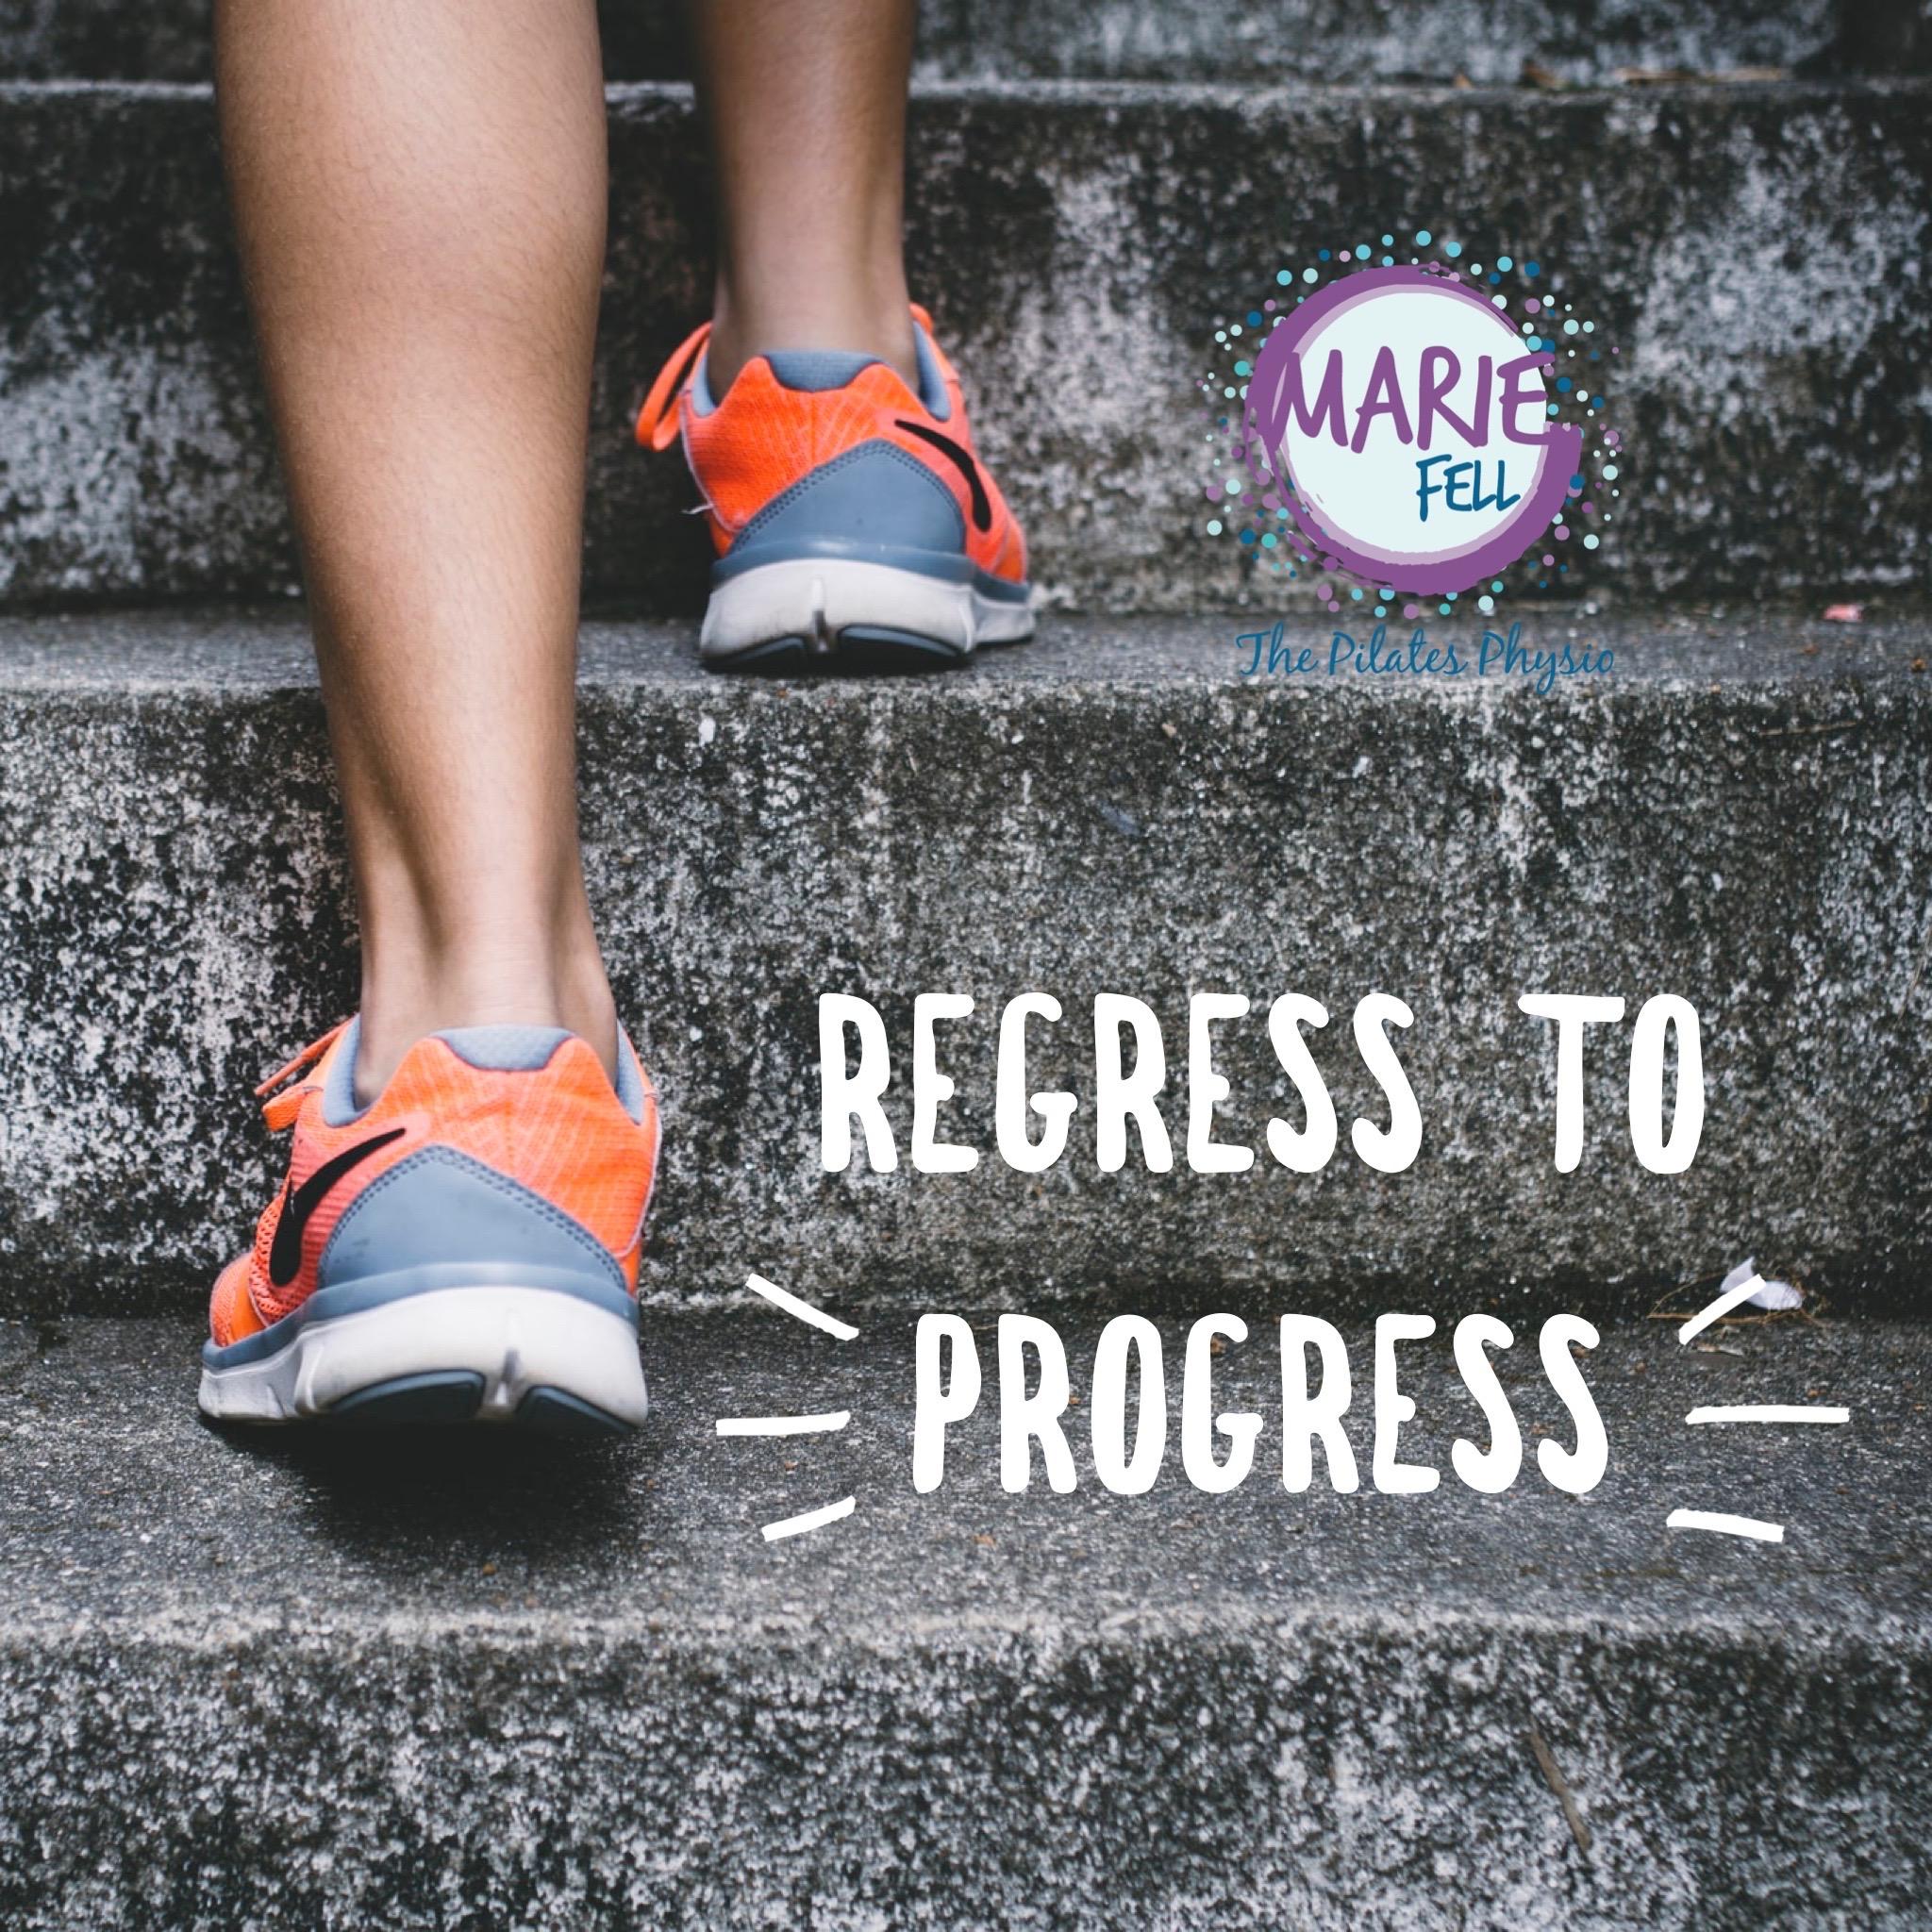 Regress to progress